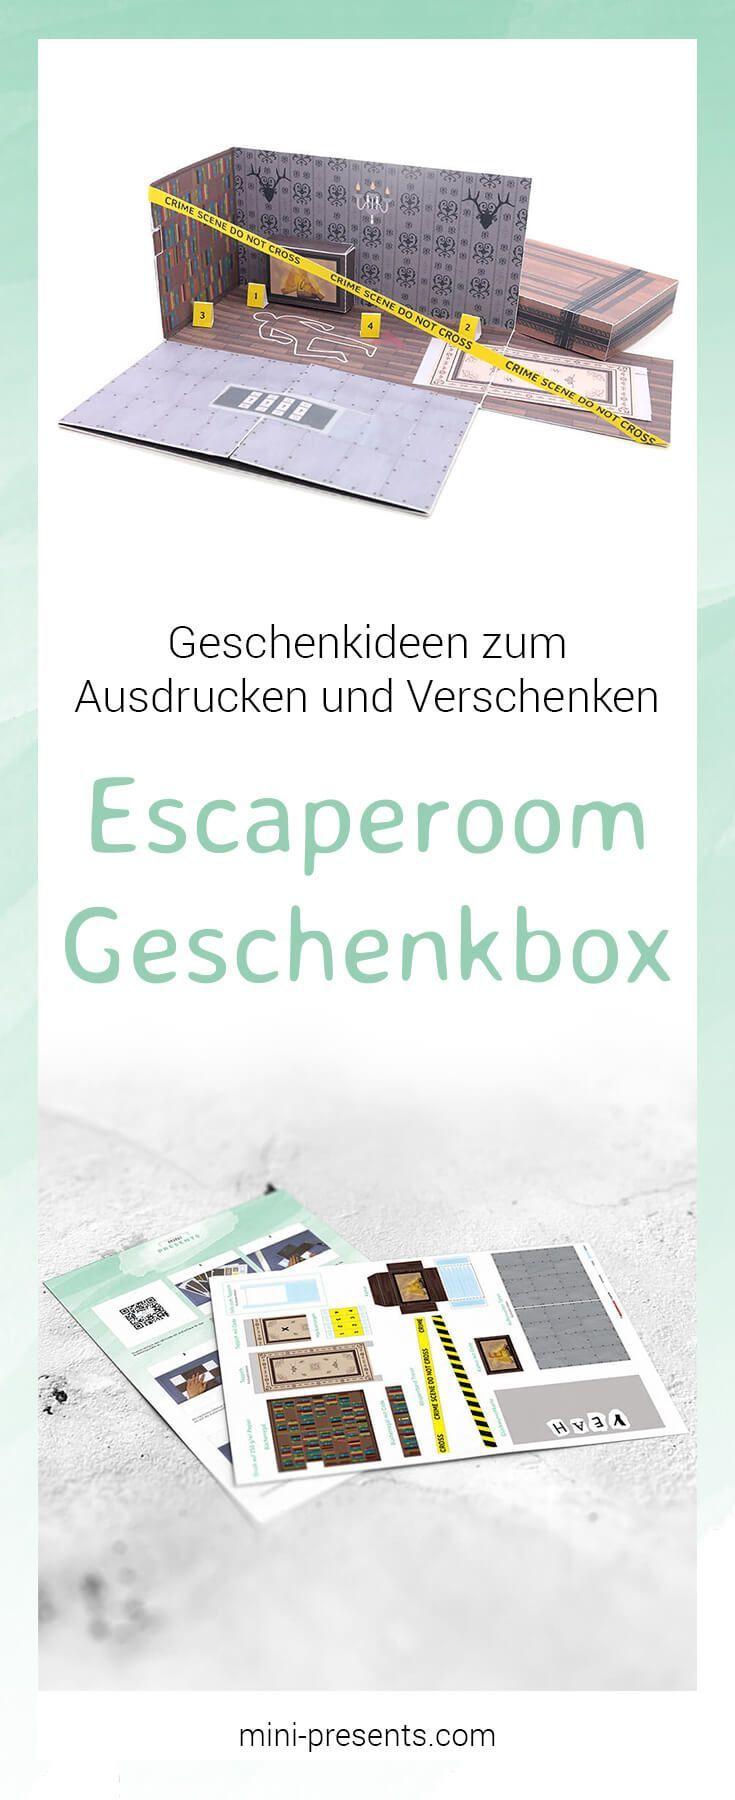 Photo of mini-presents | Do-it-yourself Escape Room Geschenkbox als Gutschein ausdrucken & basteln | Geschenkideen & Party Deko zum Ausdrucken und Basteln.